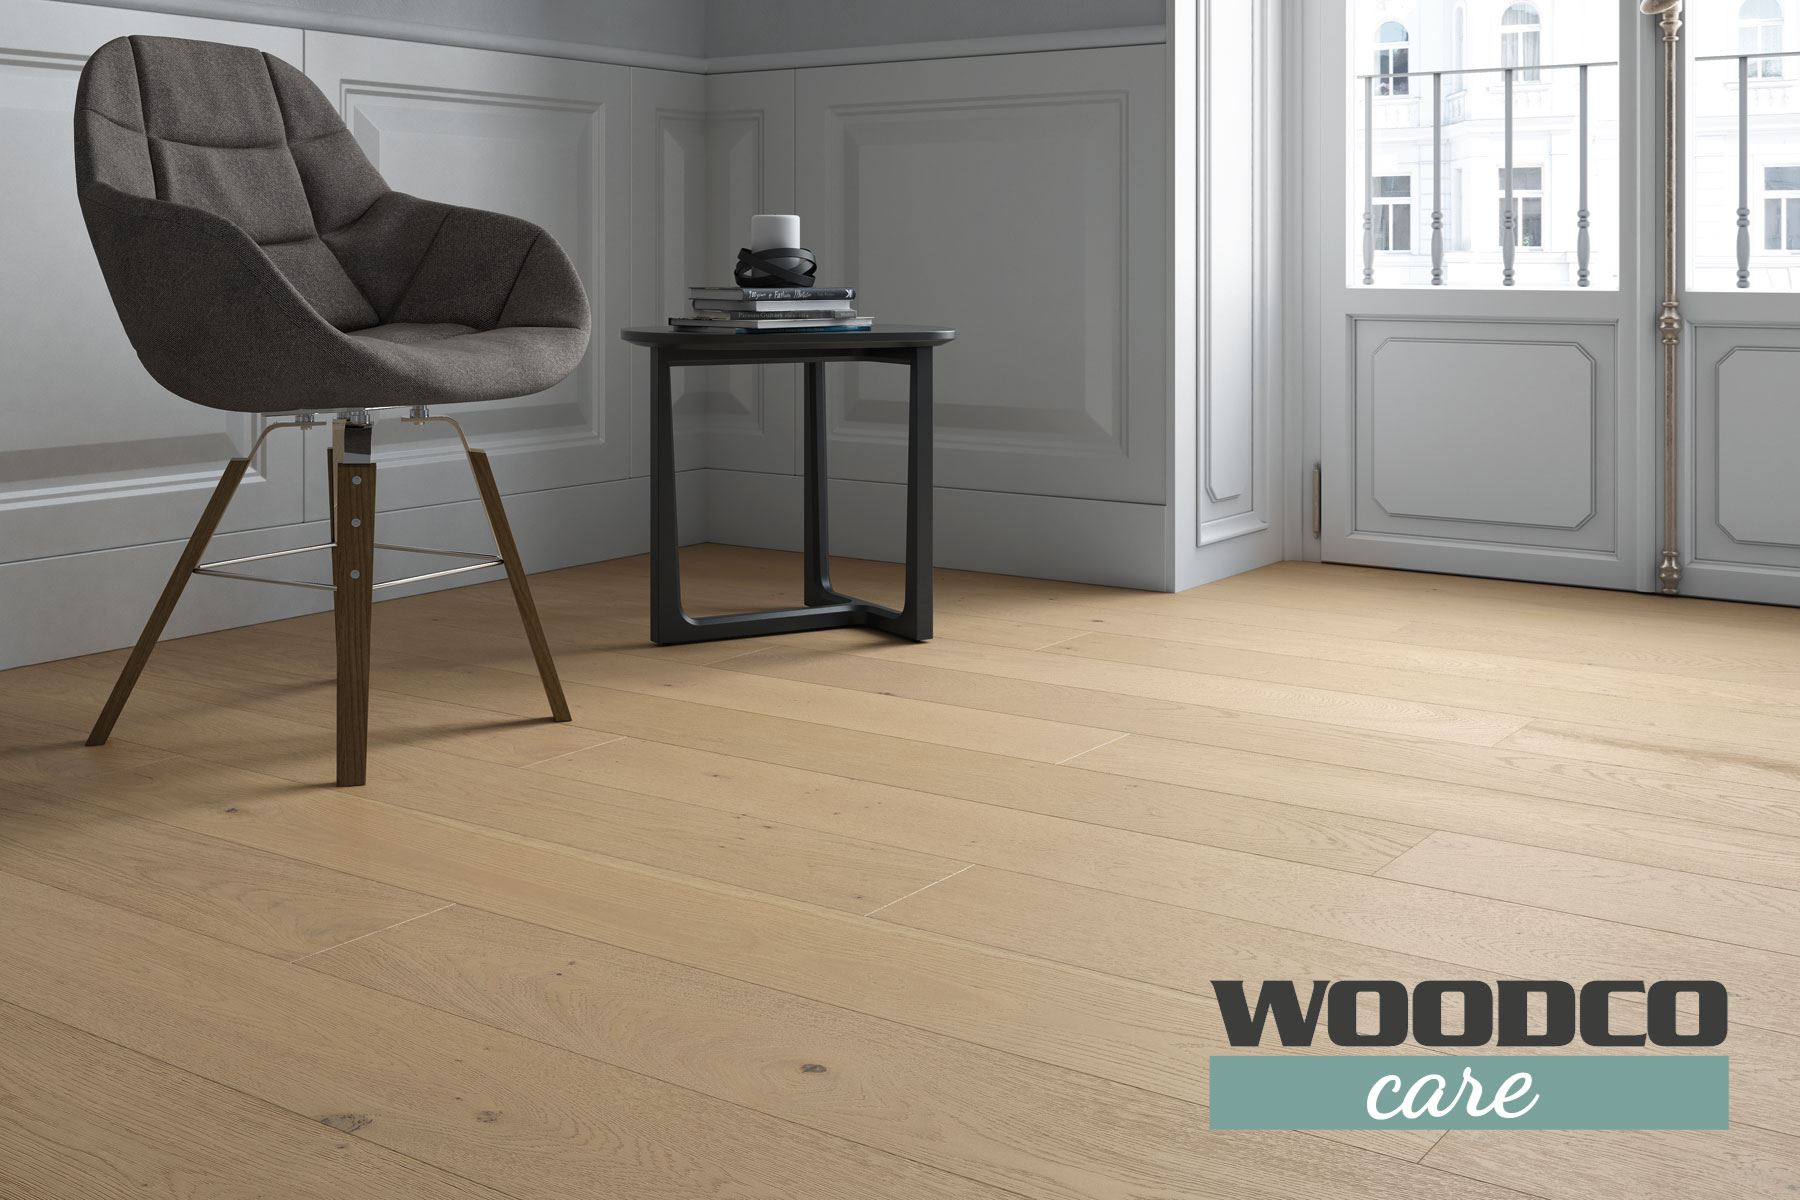 Woodco Store